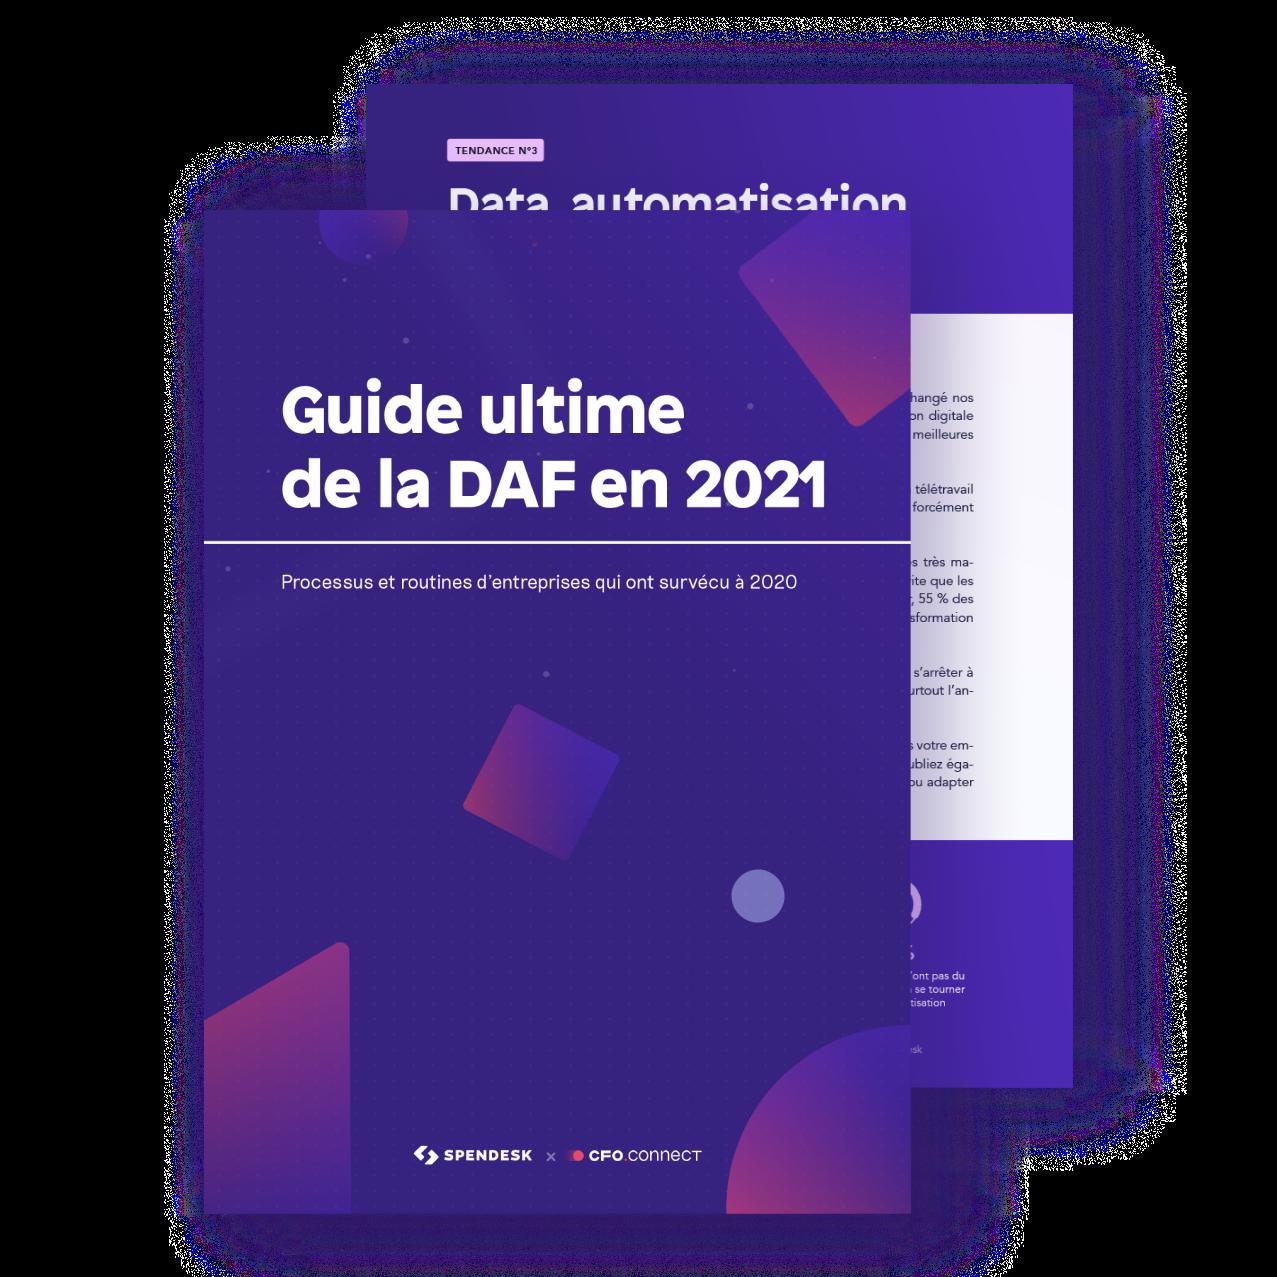 guide-ultime-daf-2021-ebook-spendesk-cfo-connect-header-landing